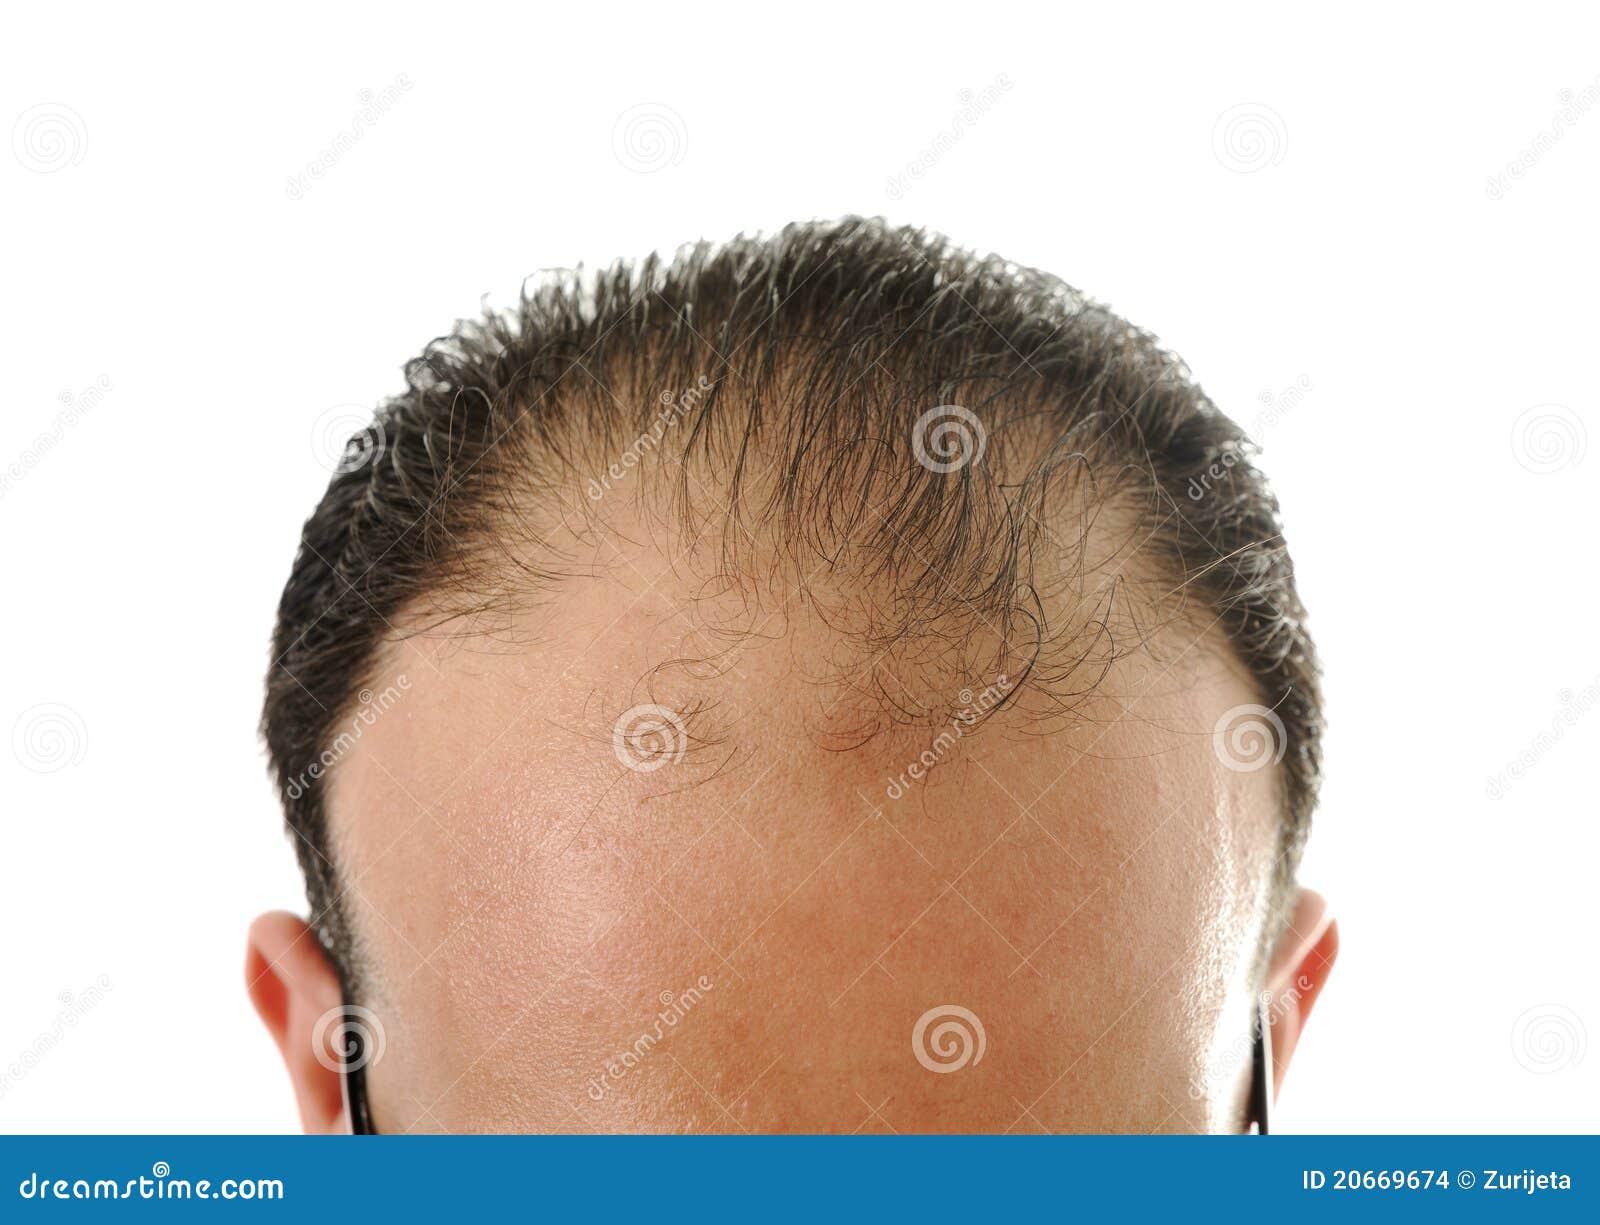 Lossa hår för man, baldness